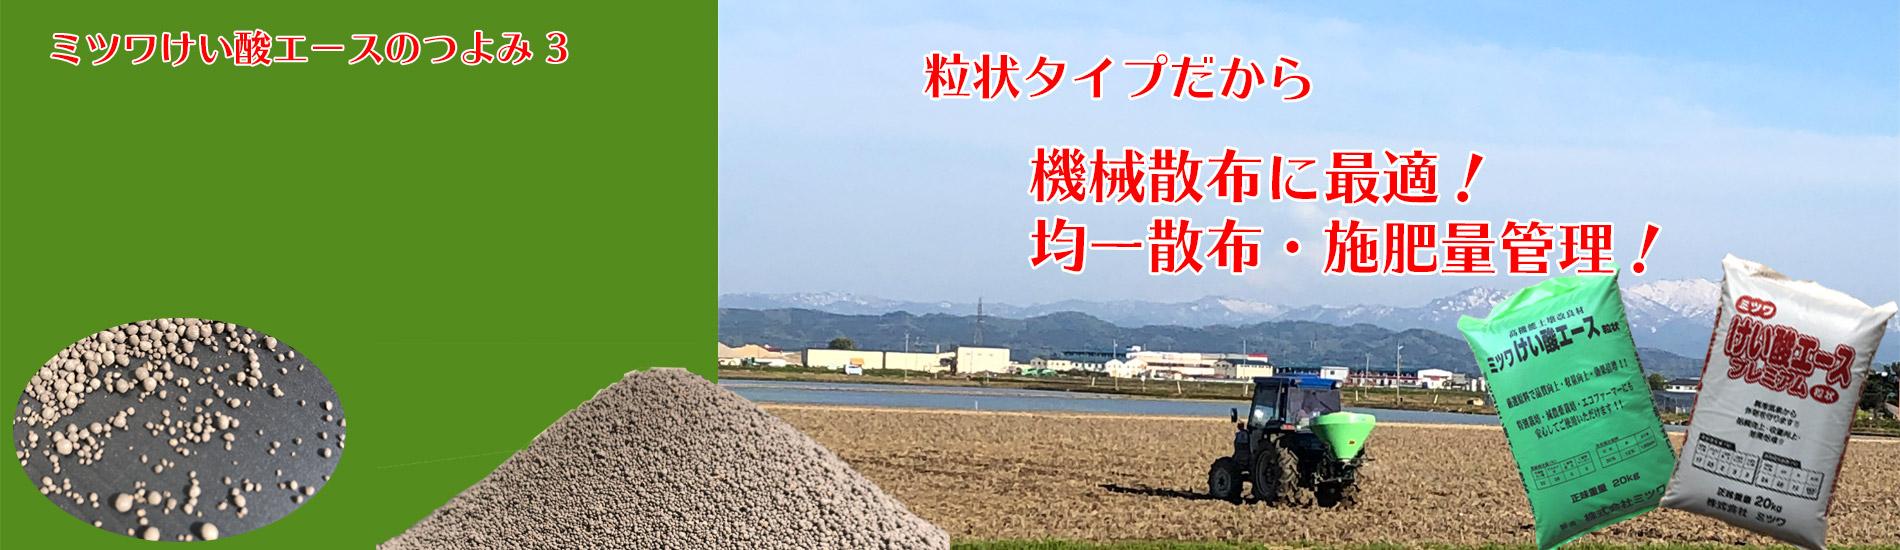 粒状タイプケイ酸肥料